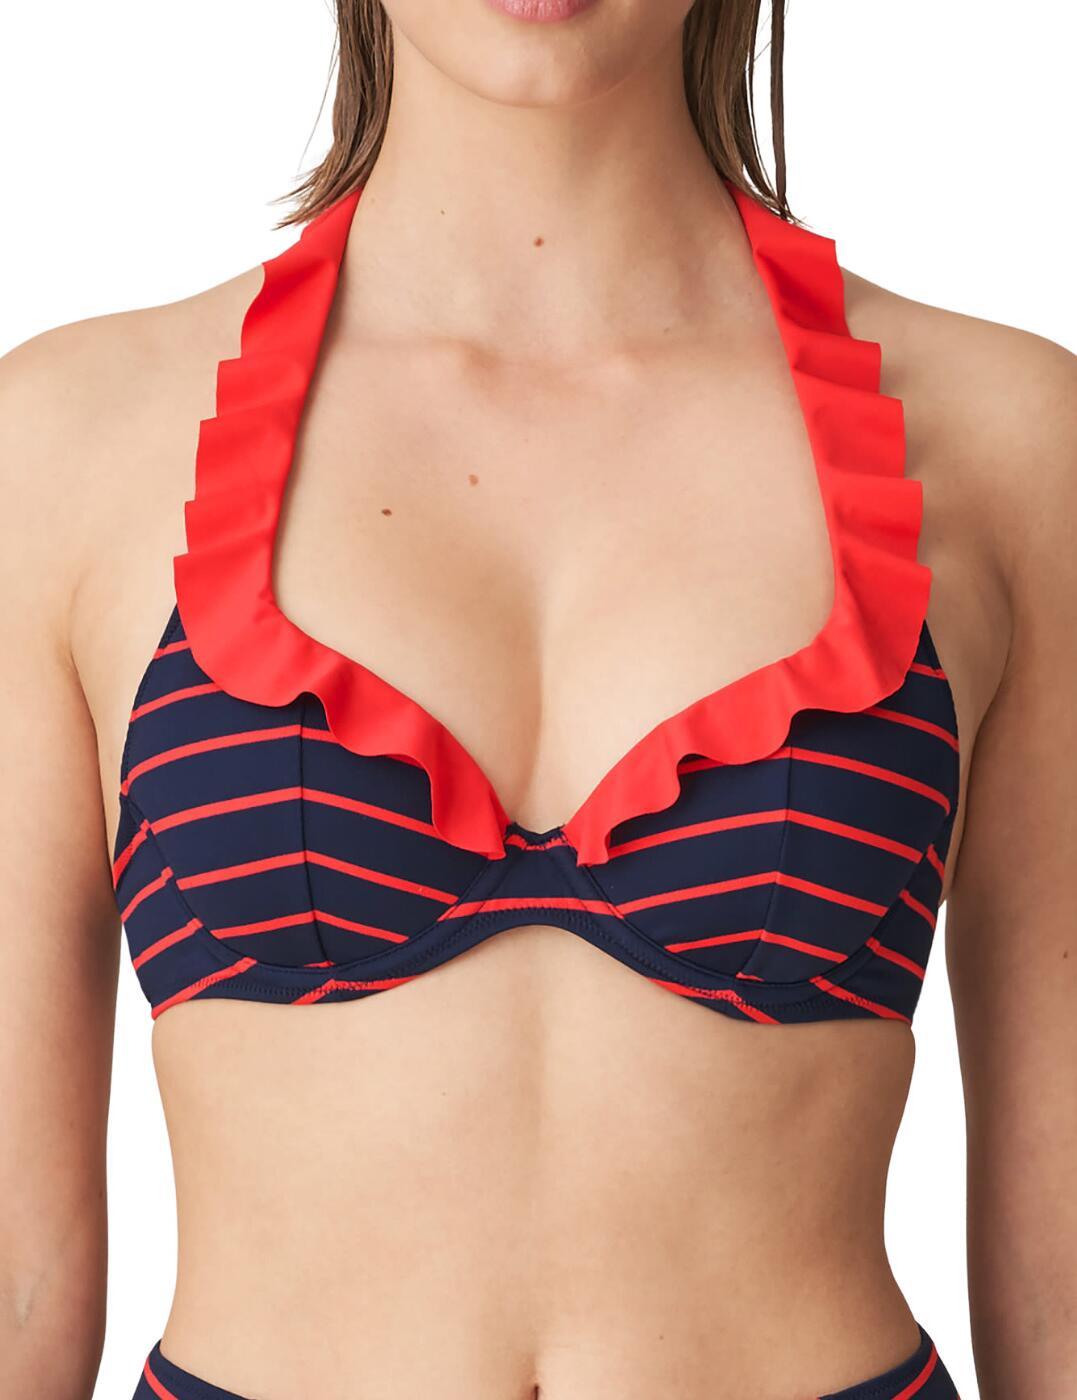 1002516 Marie Jo Celine Heart Shaped Bikini Top - 1002516 Pomme D'Amour